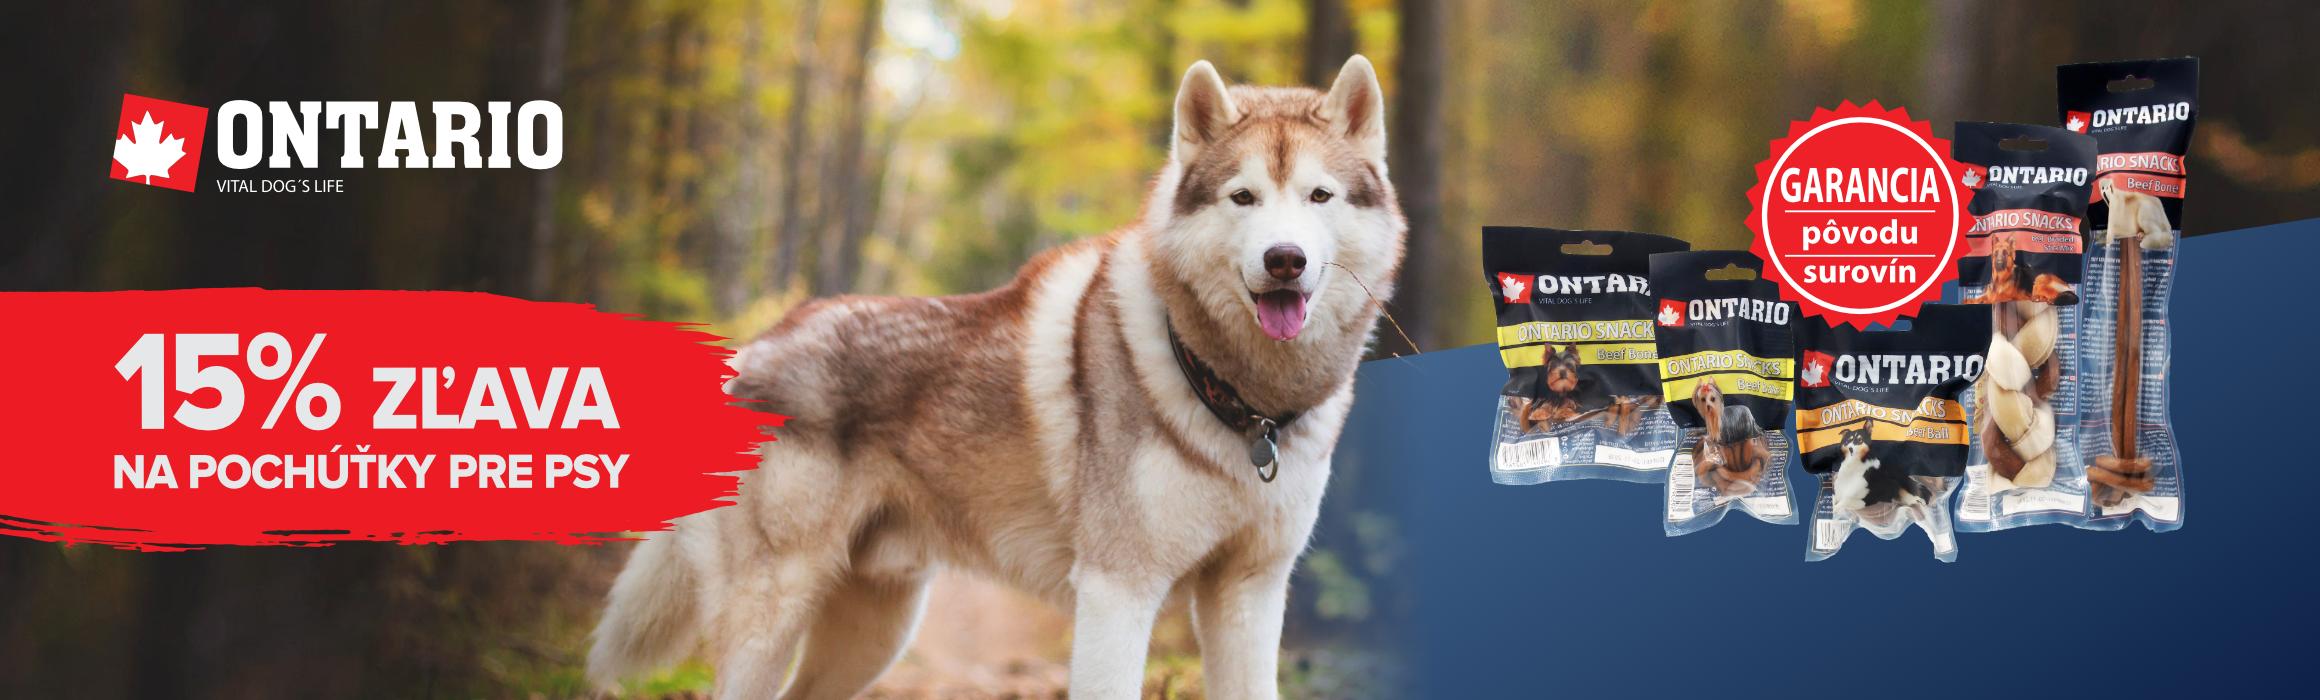 ONTARIO 15% zľava na pochúťky pre psy